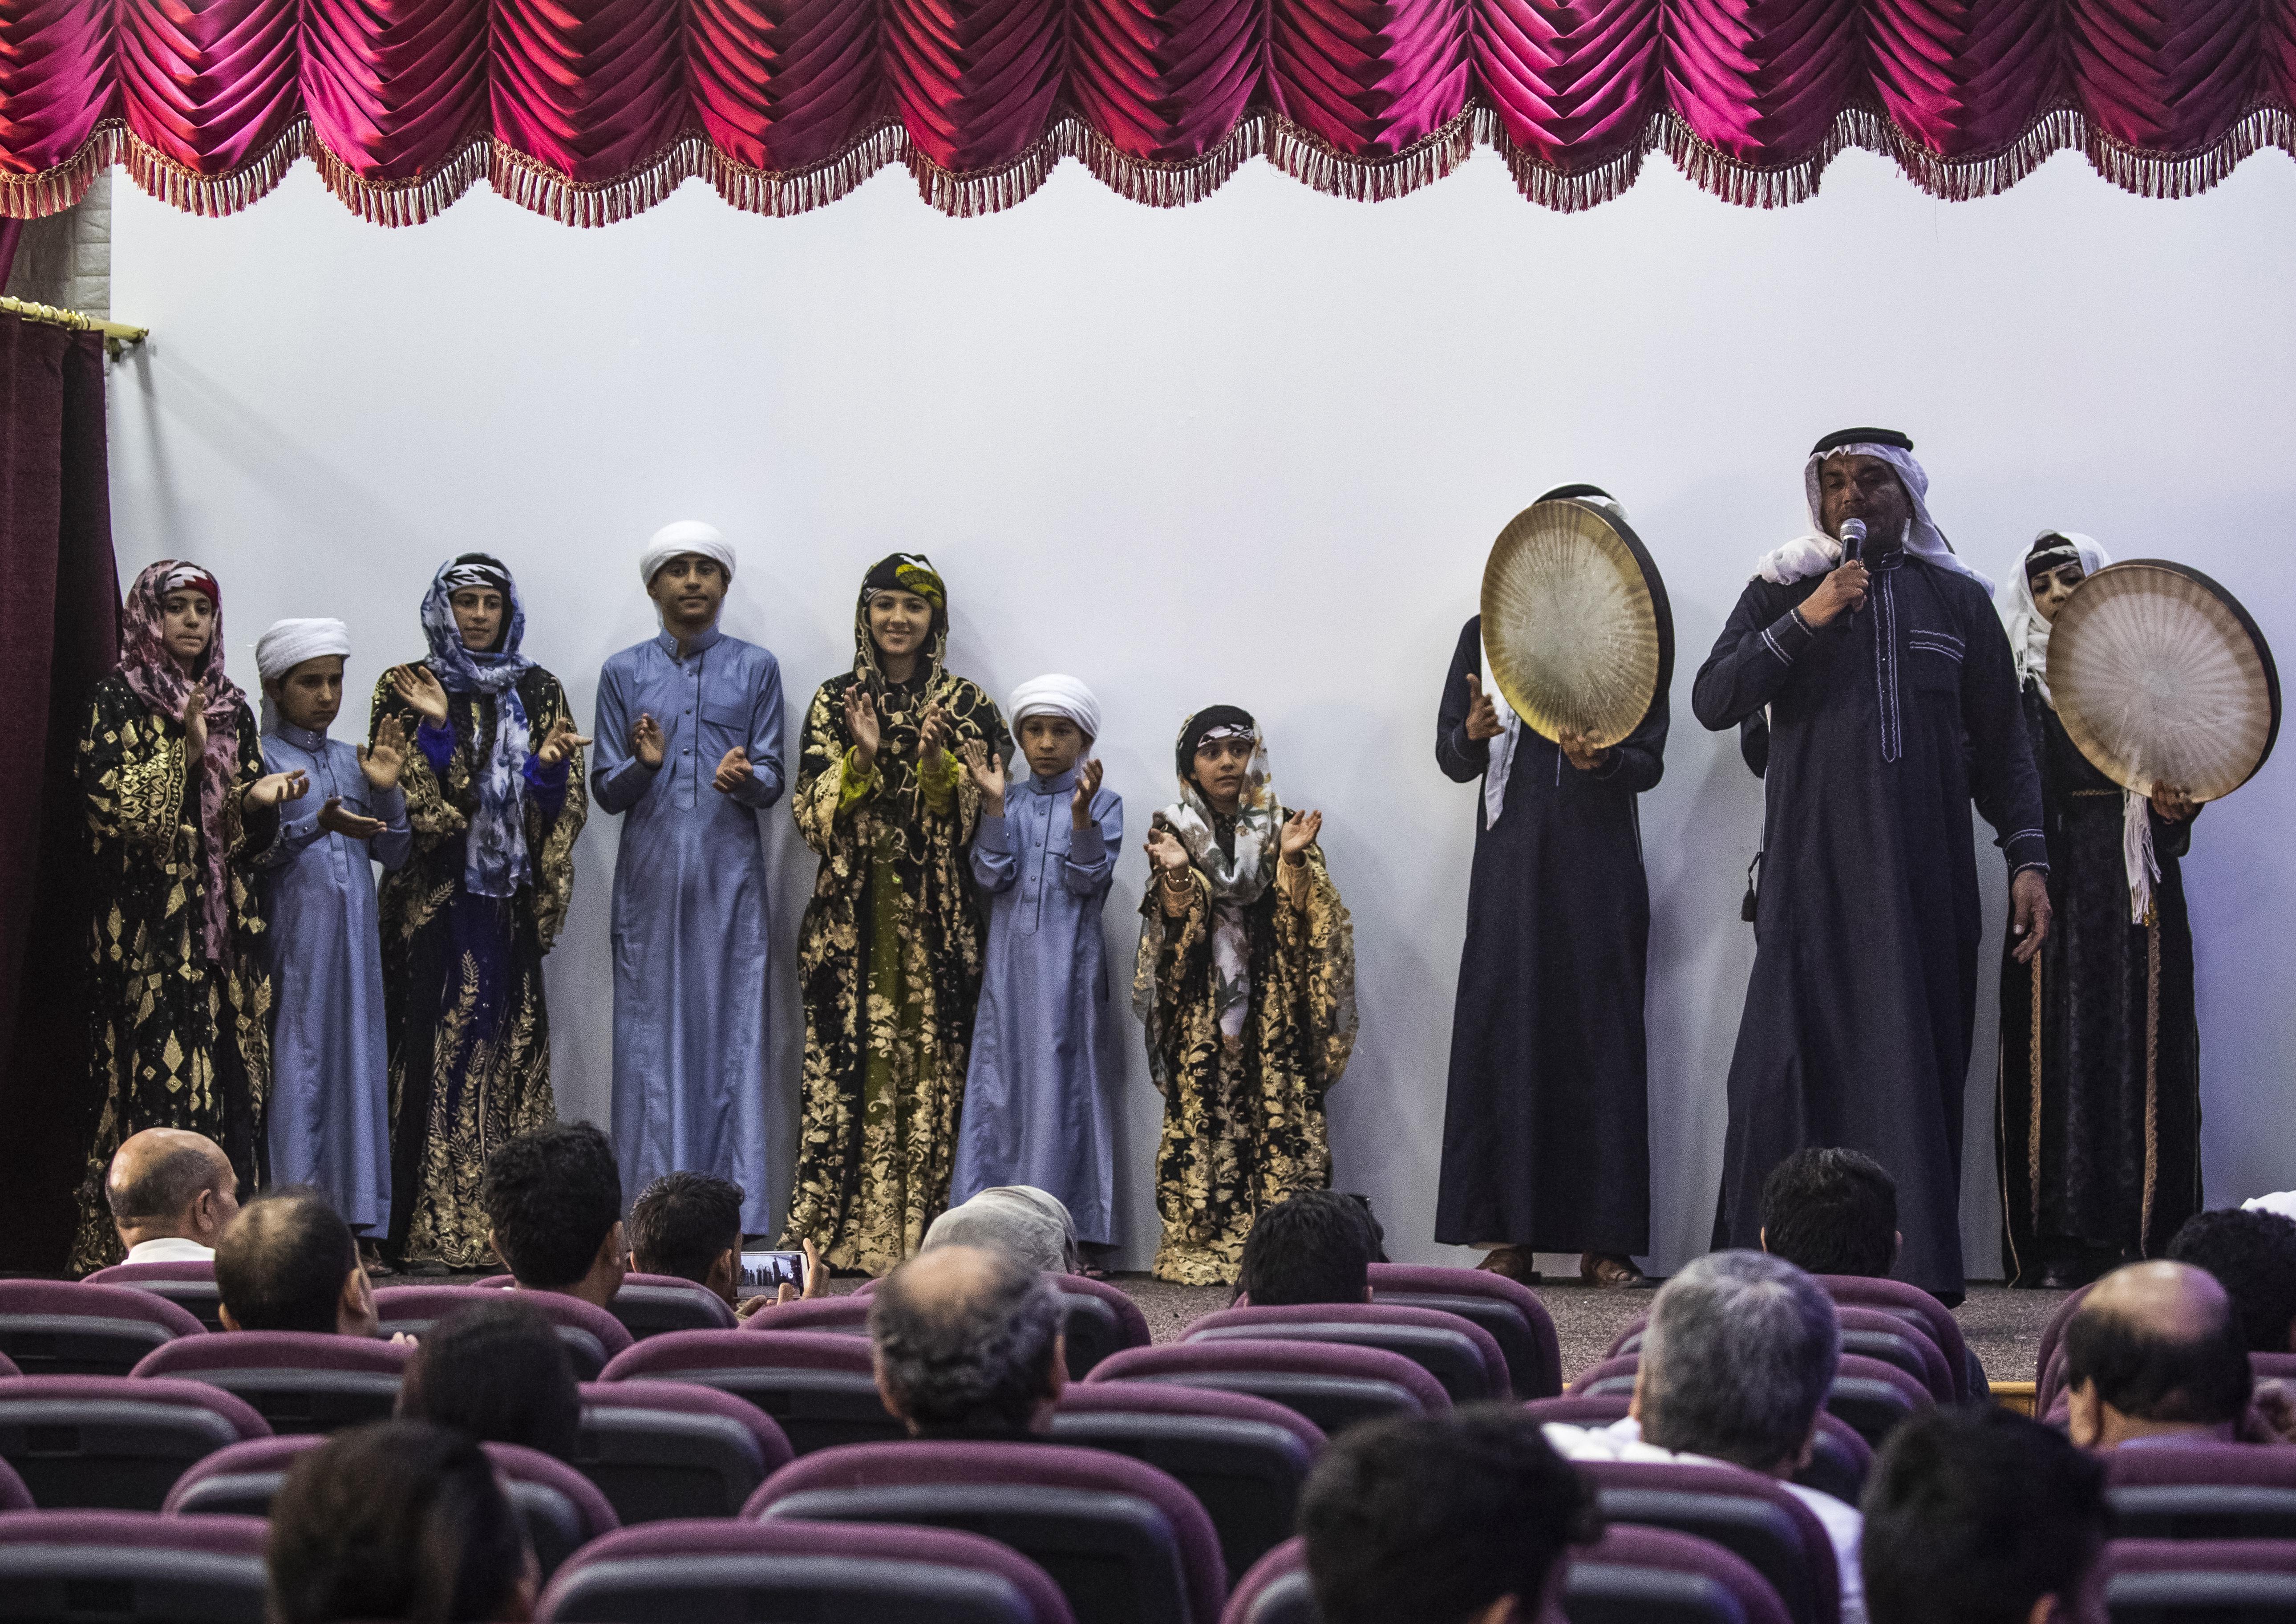 عروض فنية خلال افتتاح المركز الثقافي الجديد بمدينة الرقة 1 أيار/مايو 2019